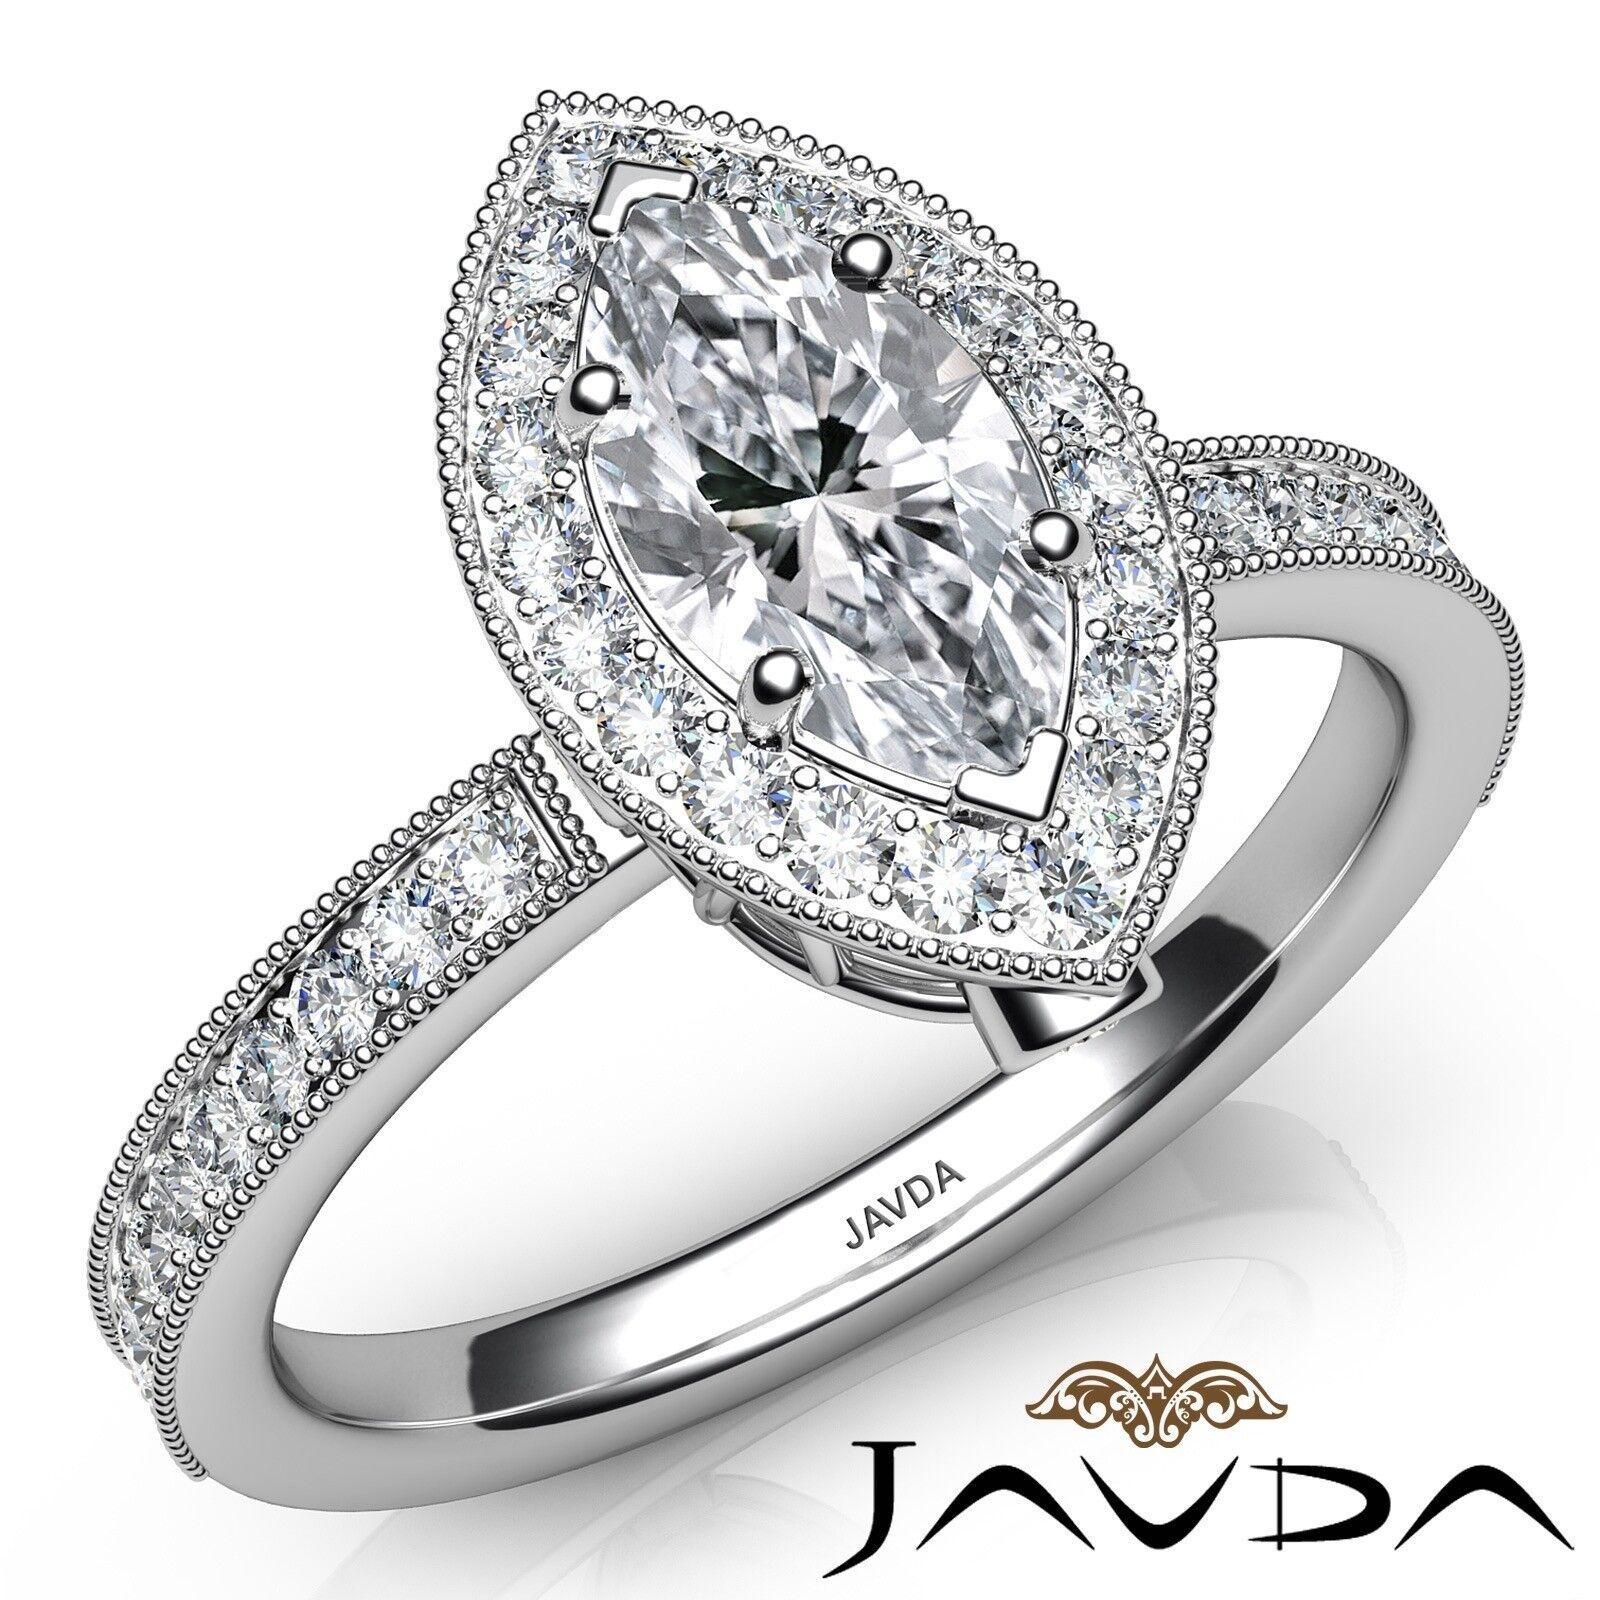 1ctw Milgrain Halo Pave Set Marquise Diamond Engagement Ring GIA E-IF White Gold